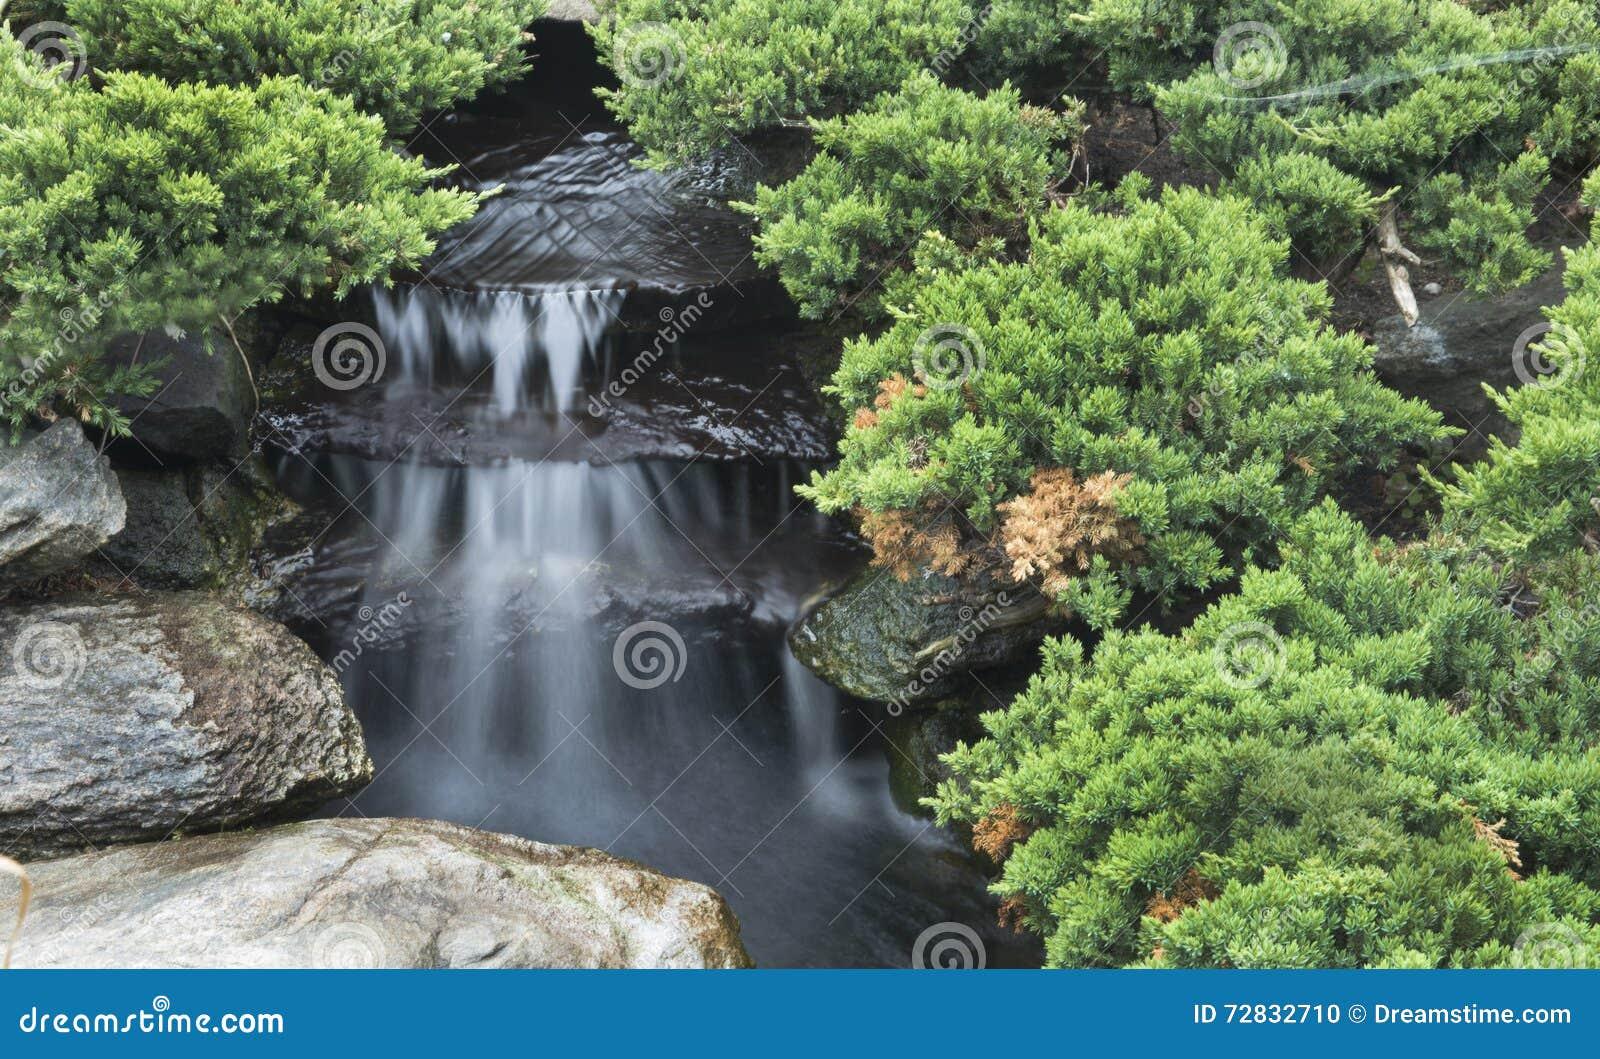 Waterval In Tuin : Met een waterval krijgt je iets natuurlijks waardoor het zwembad